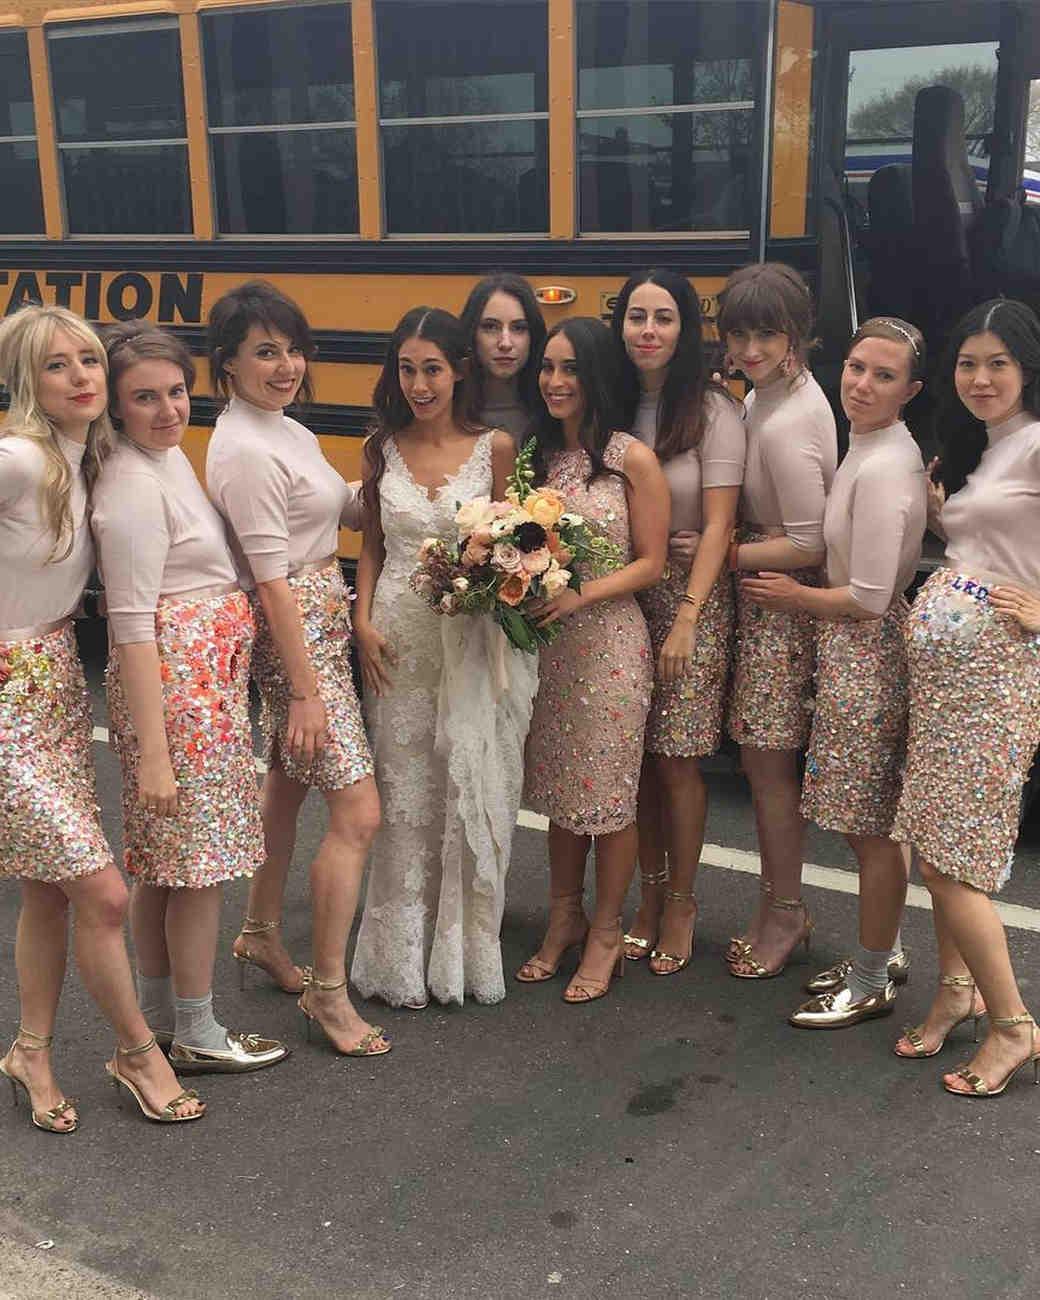 lena-dunham-celebrity-bridesmaid-0416.jpg